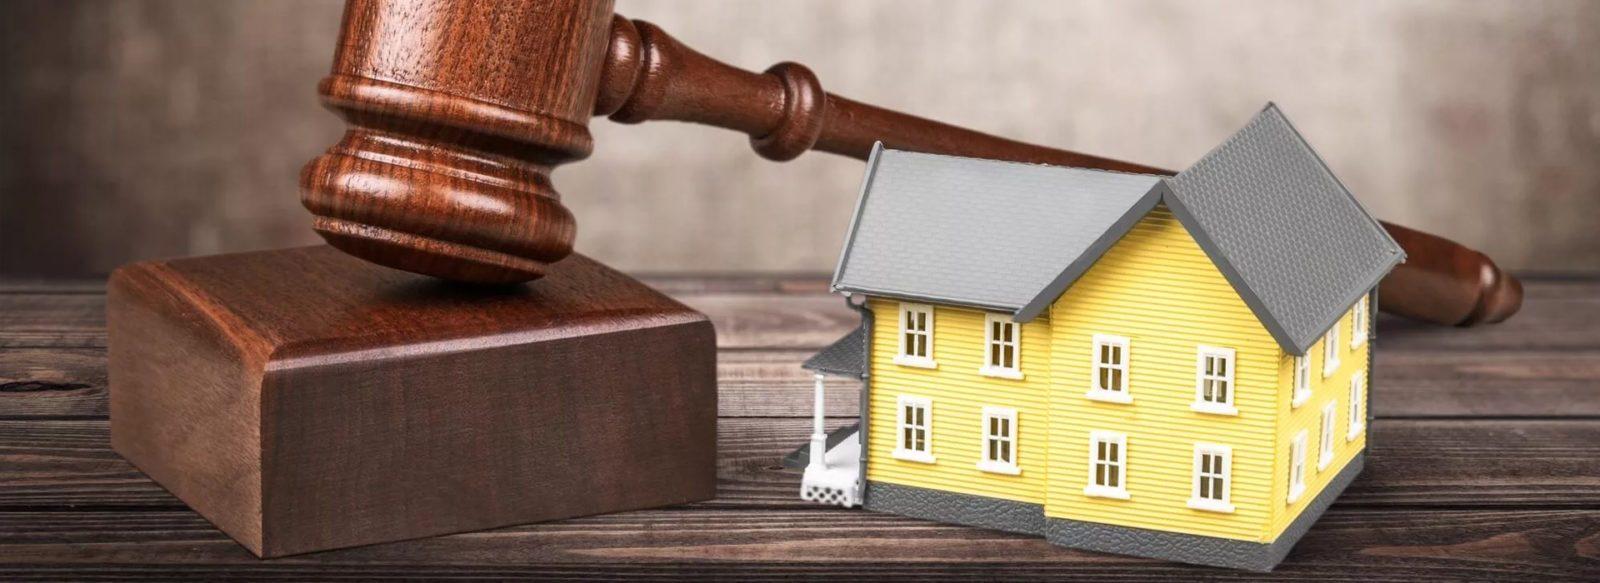 Юрист по жилищным вопросам в Нижневартовске